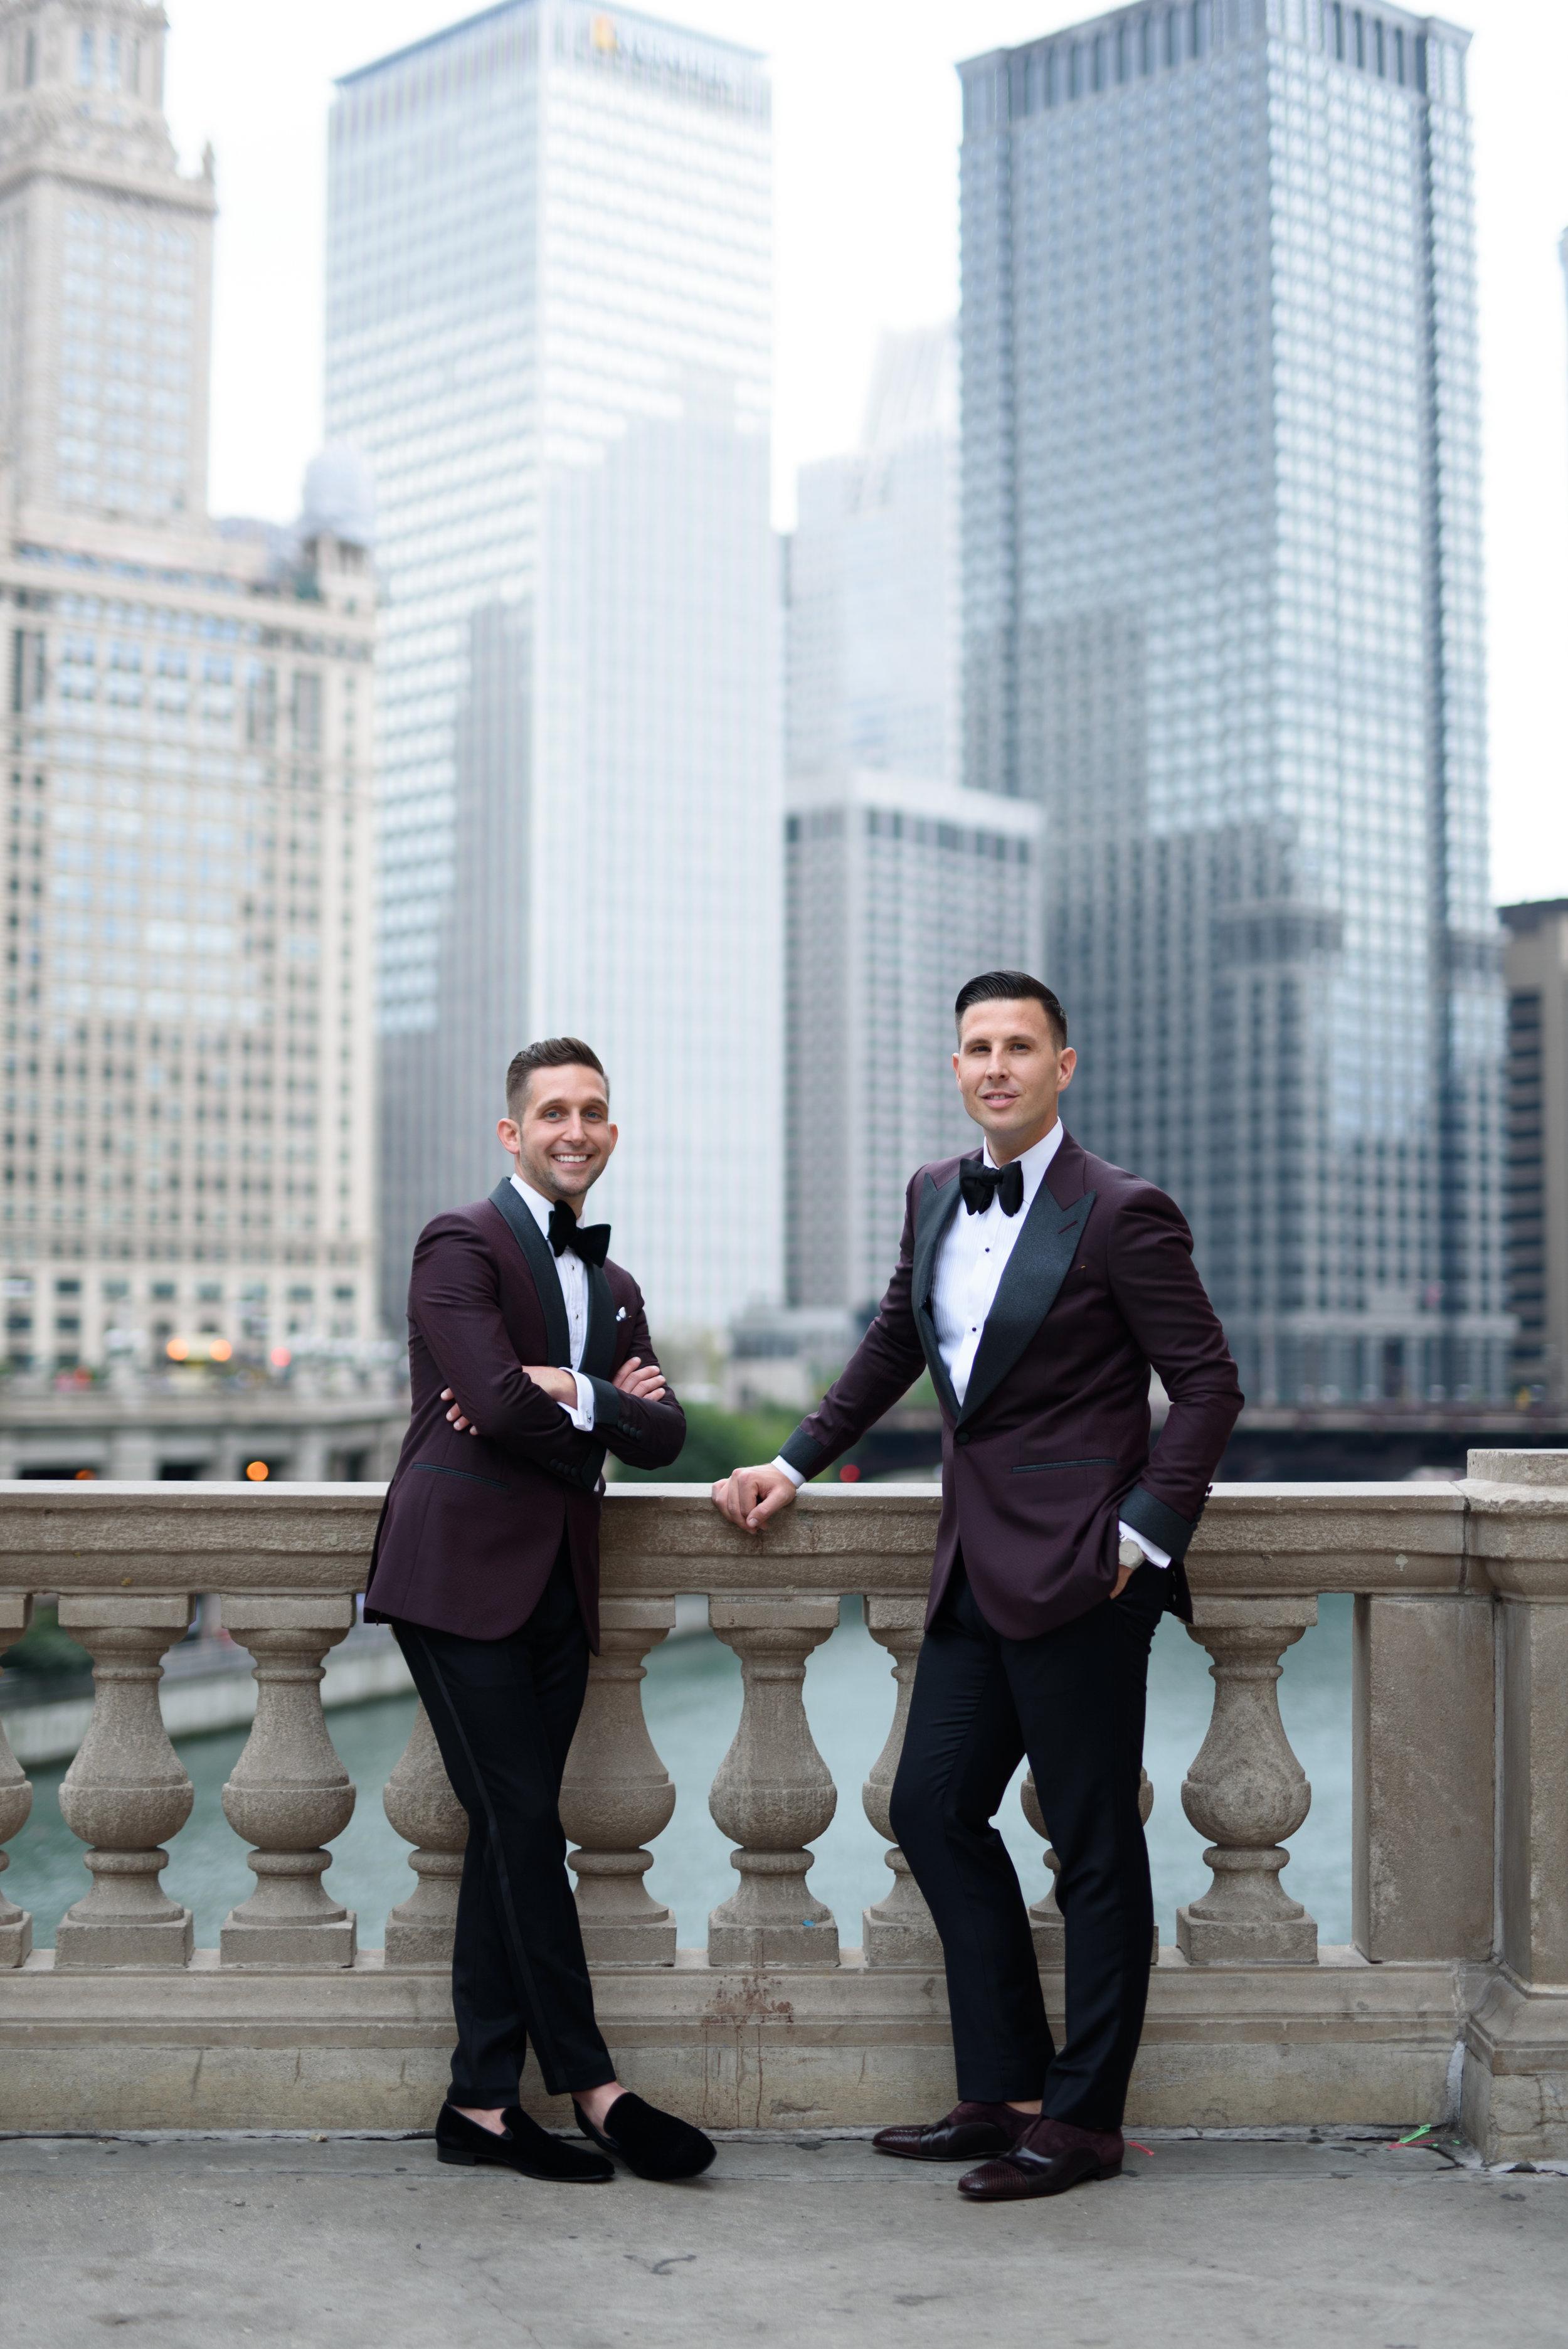 Jason-Chase-wedding-nakai-photography-0197.JPG